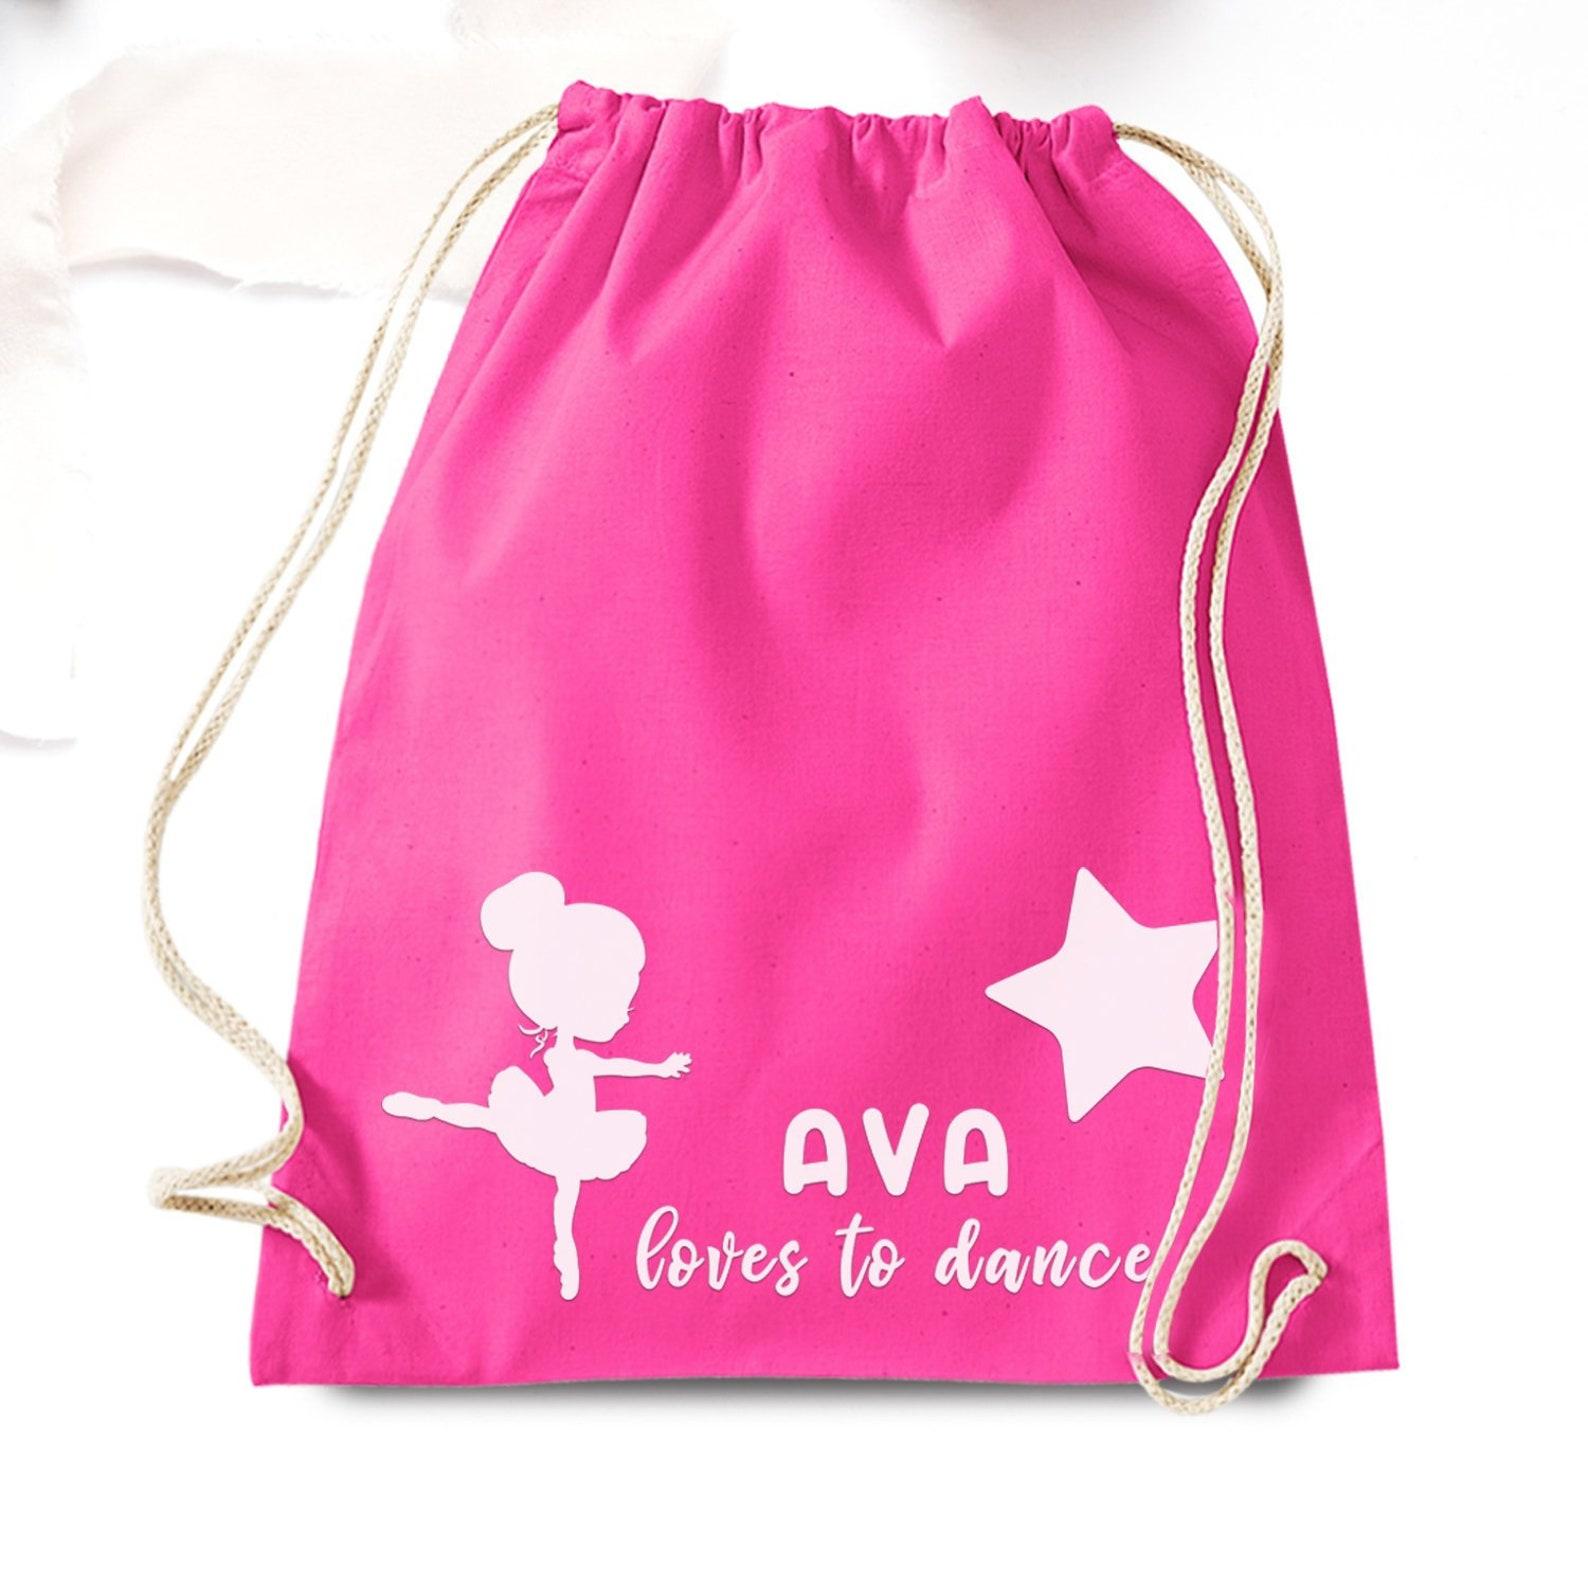 girls ballet bag, personalised drawstring backpack, love to dance, pe bag, birthday gift for girls, nursery sack, children sport